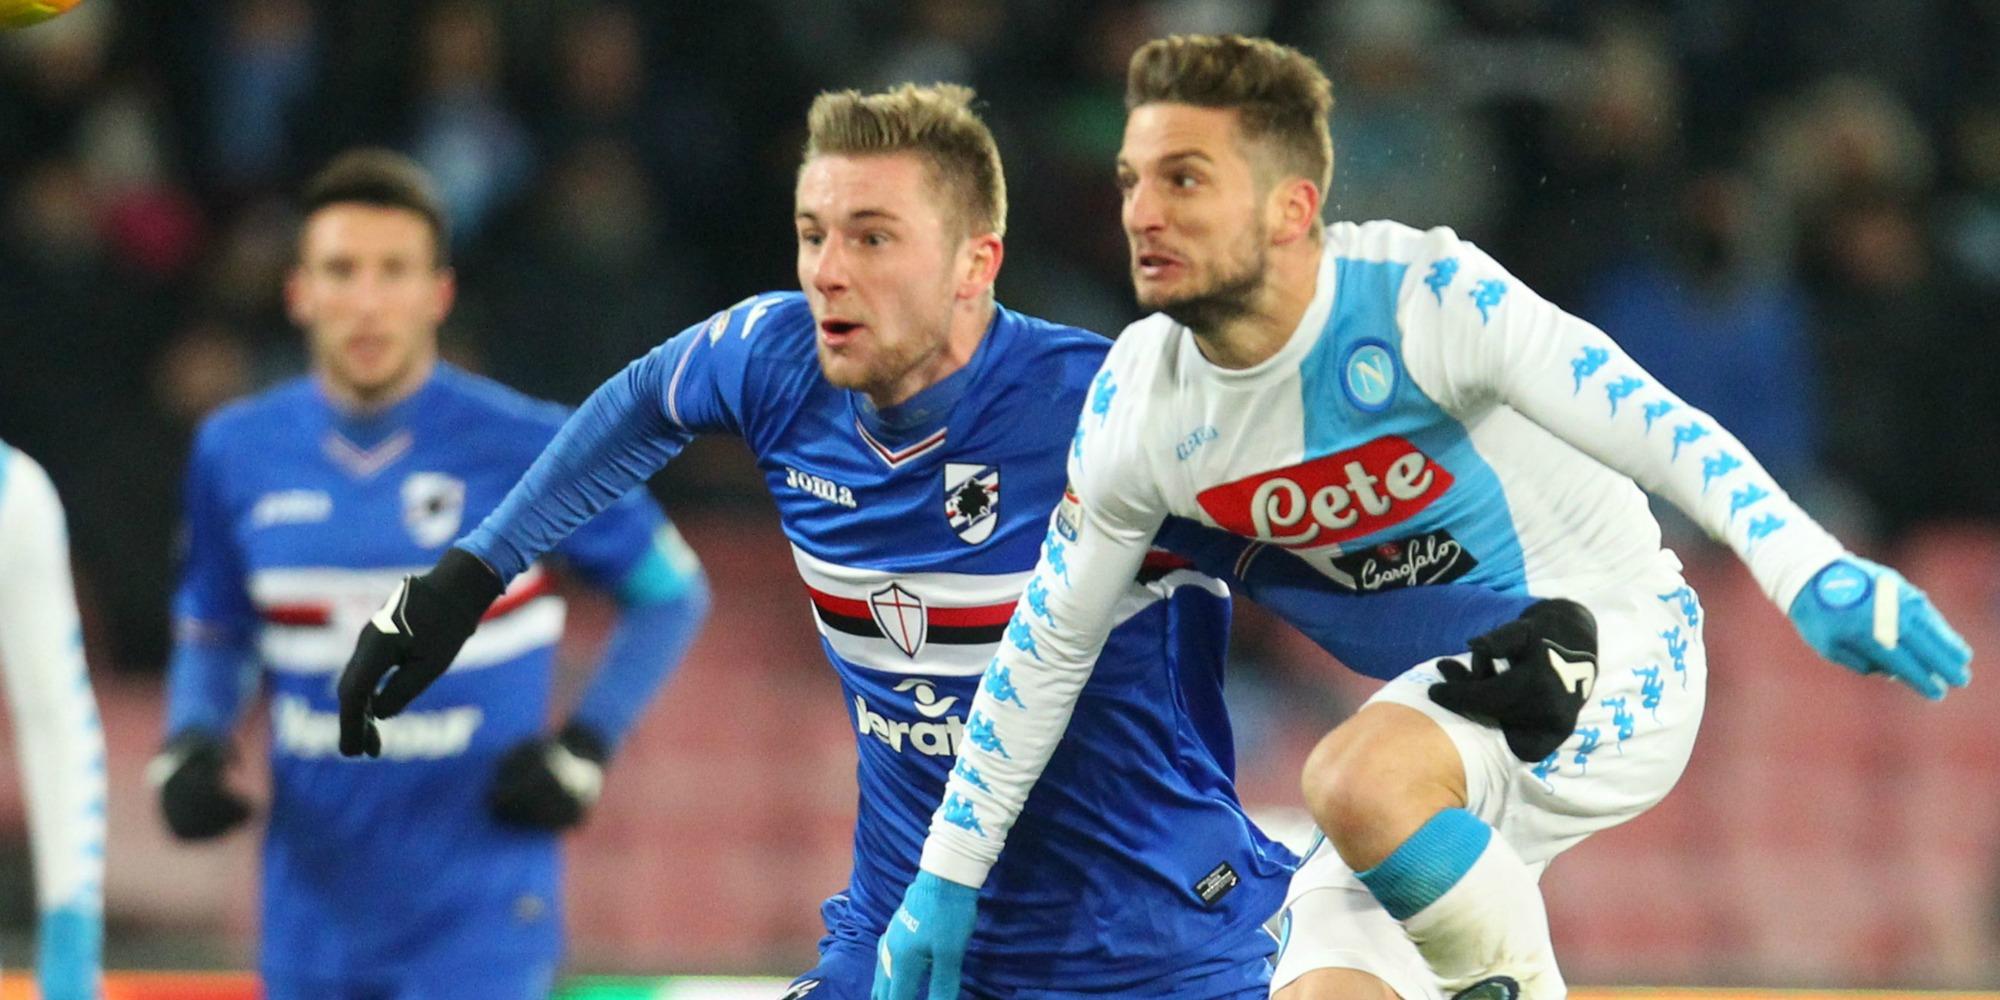 Calciomercato, Inter: preso Skriniar. Lo conferma anche Ferrero